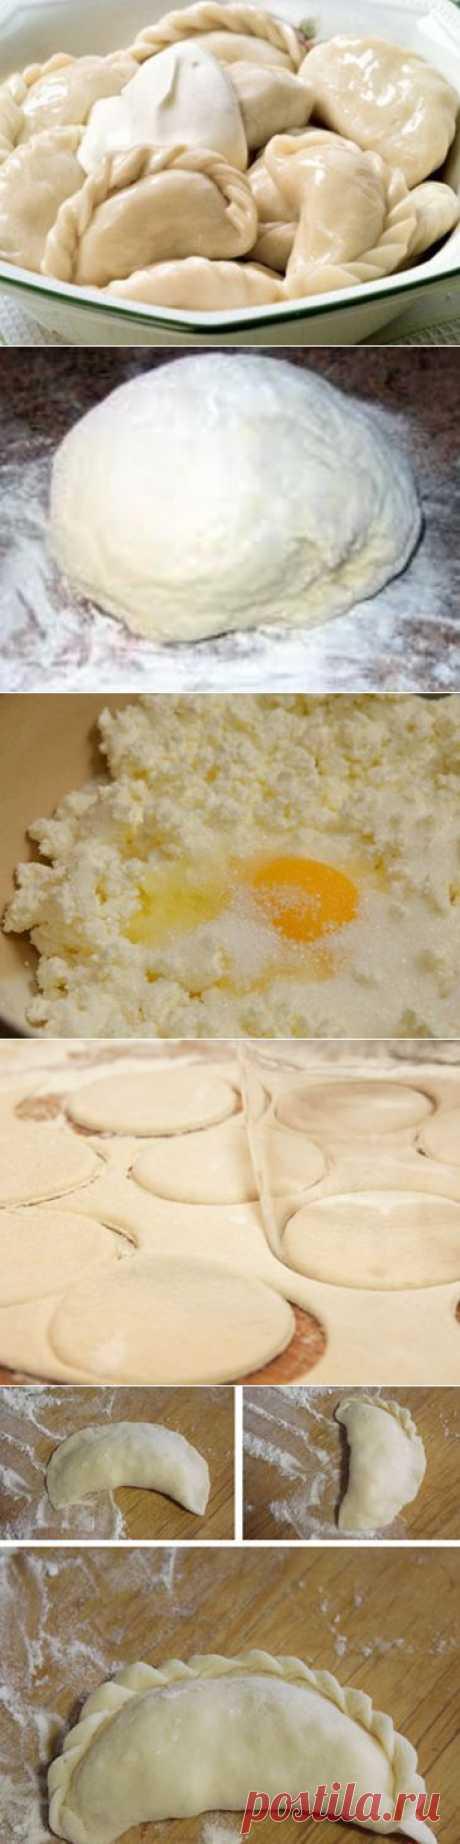 Как приготовить вареники с творогом? | Рецепты моей мамы